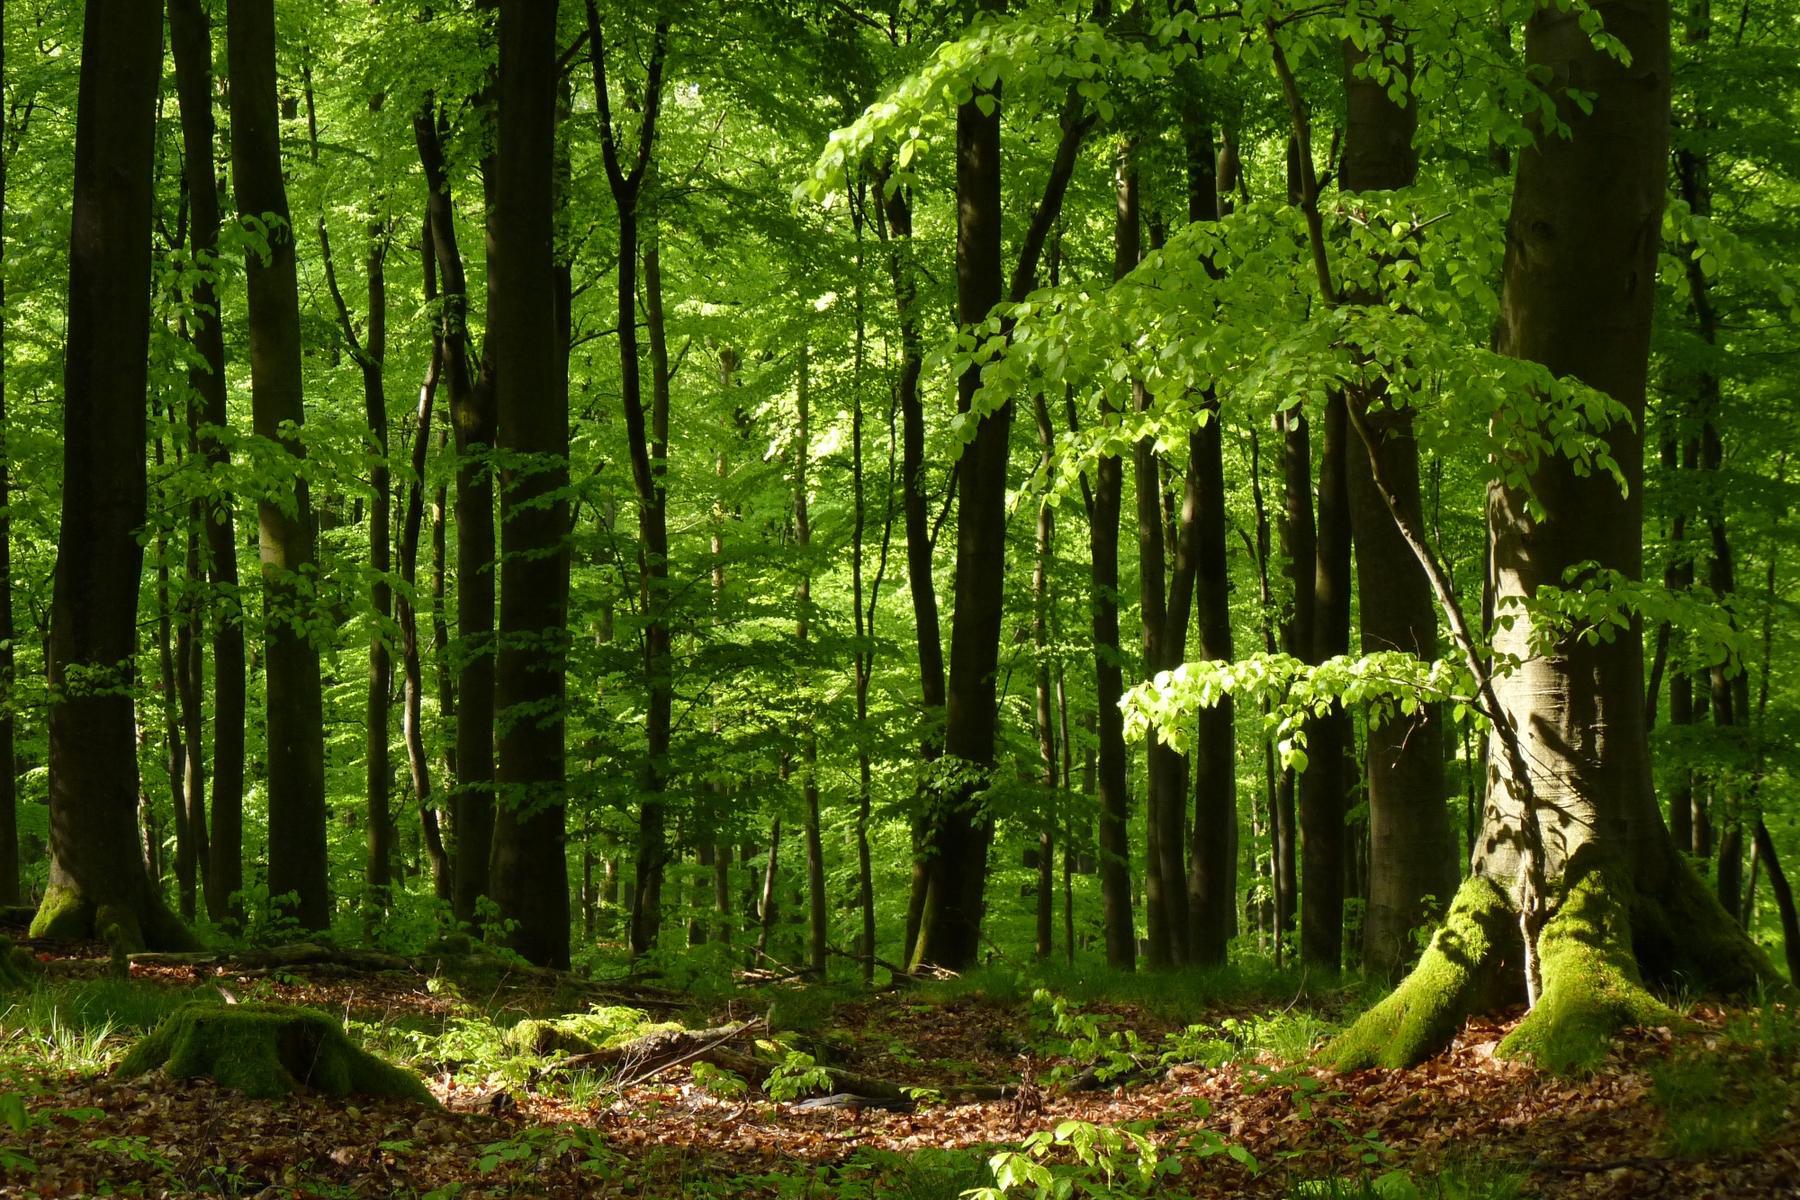 Bilder Vom Wald : umweltministerium nrw wald und klima ~ Yasmunasinghe.com Haus und Dekorationen